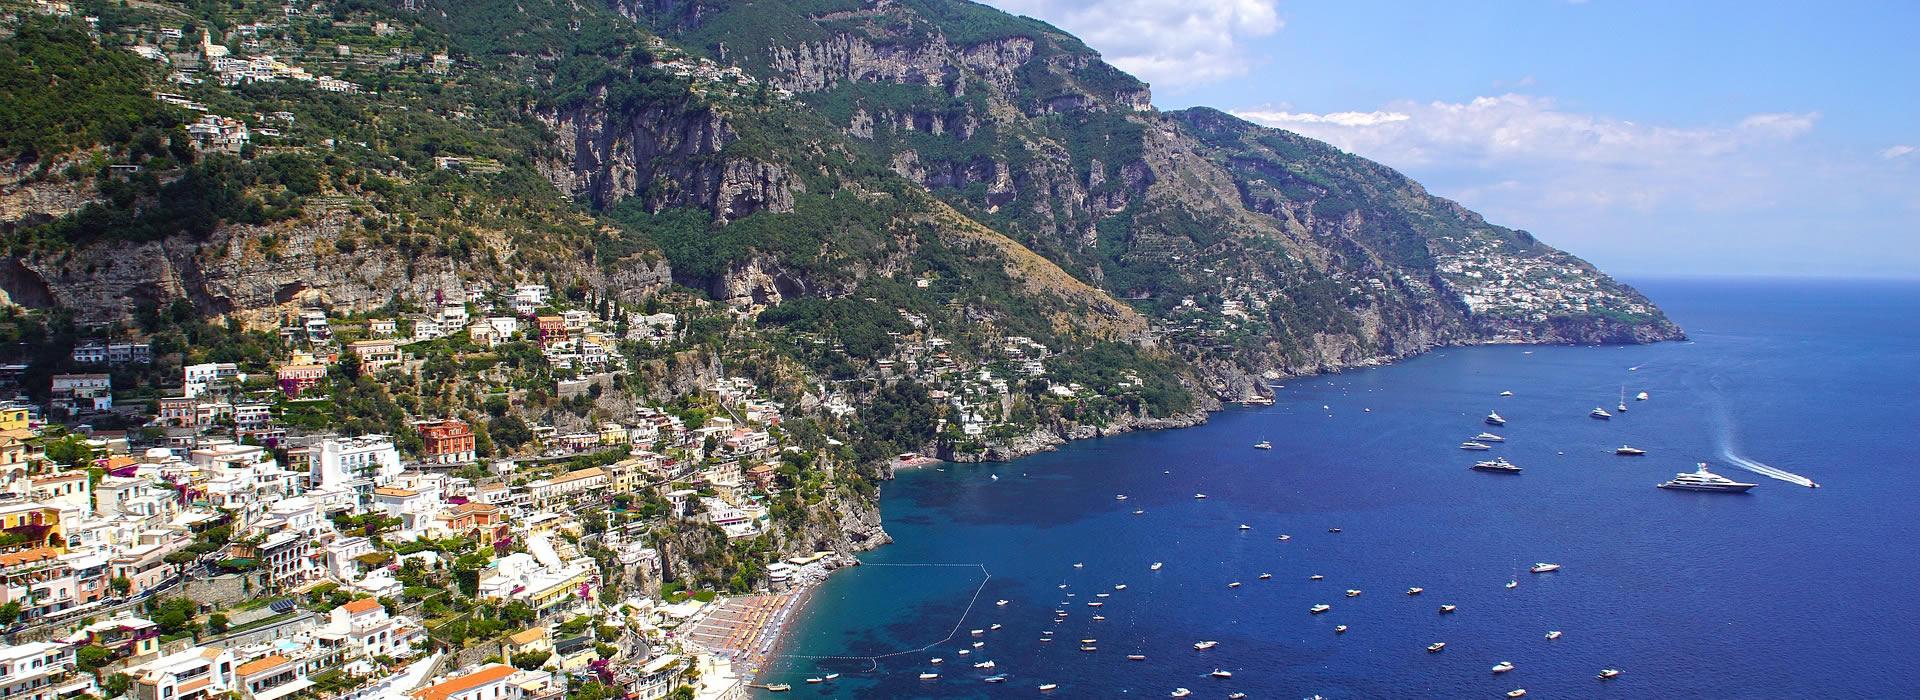 Tour della Costiera Amalfitana con degustazione Limoncello